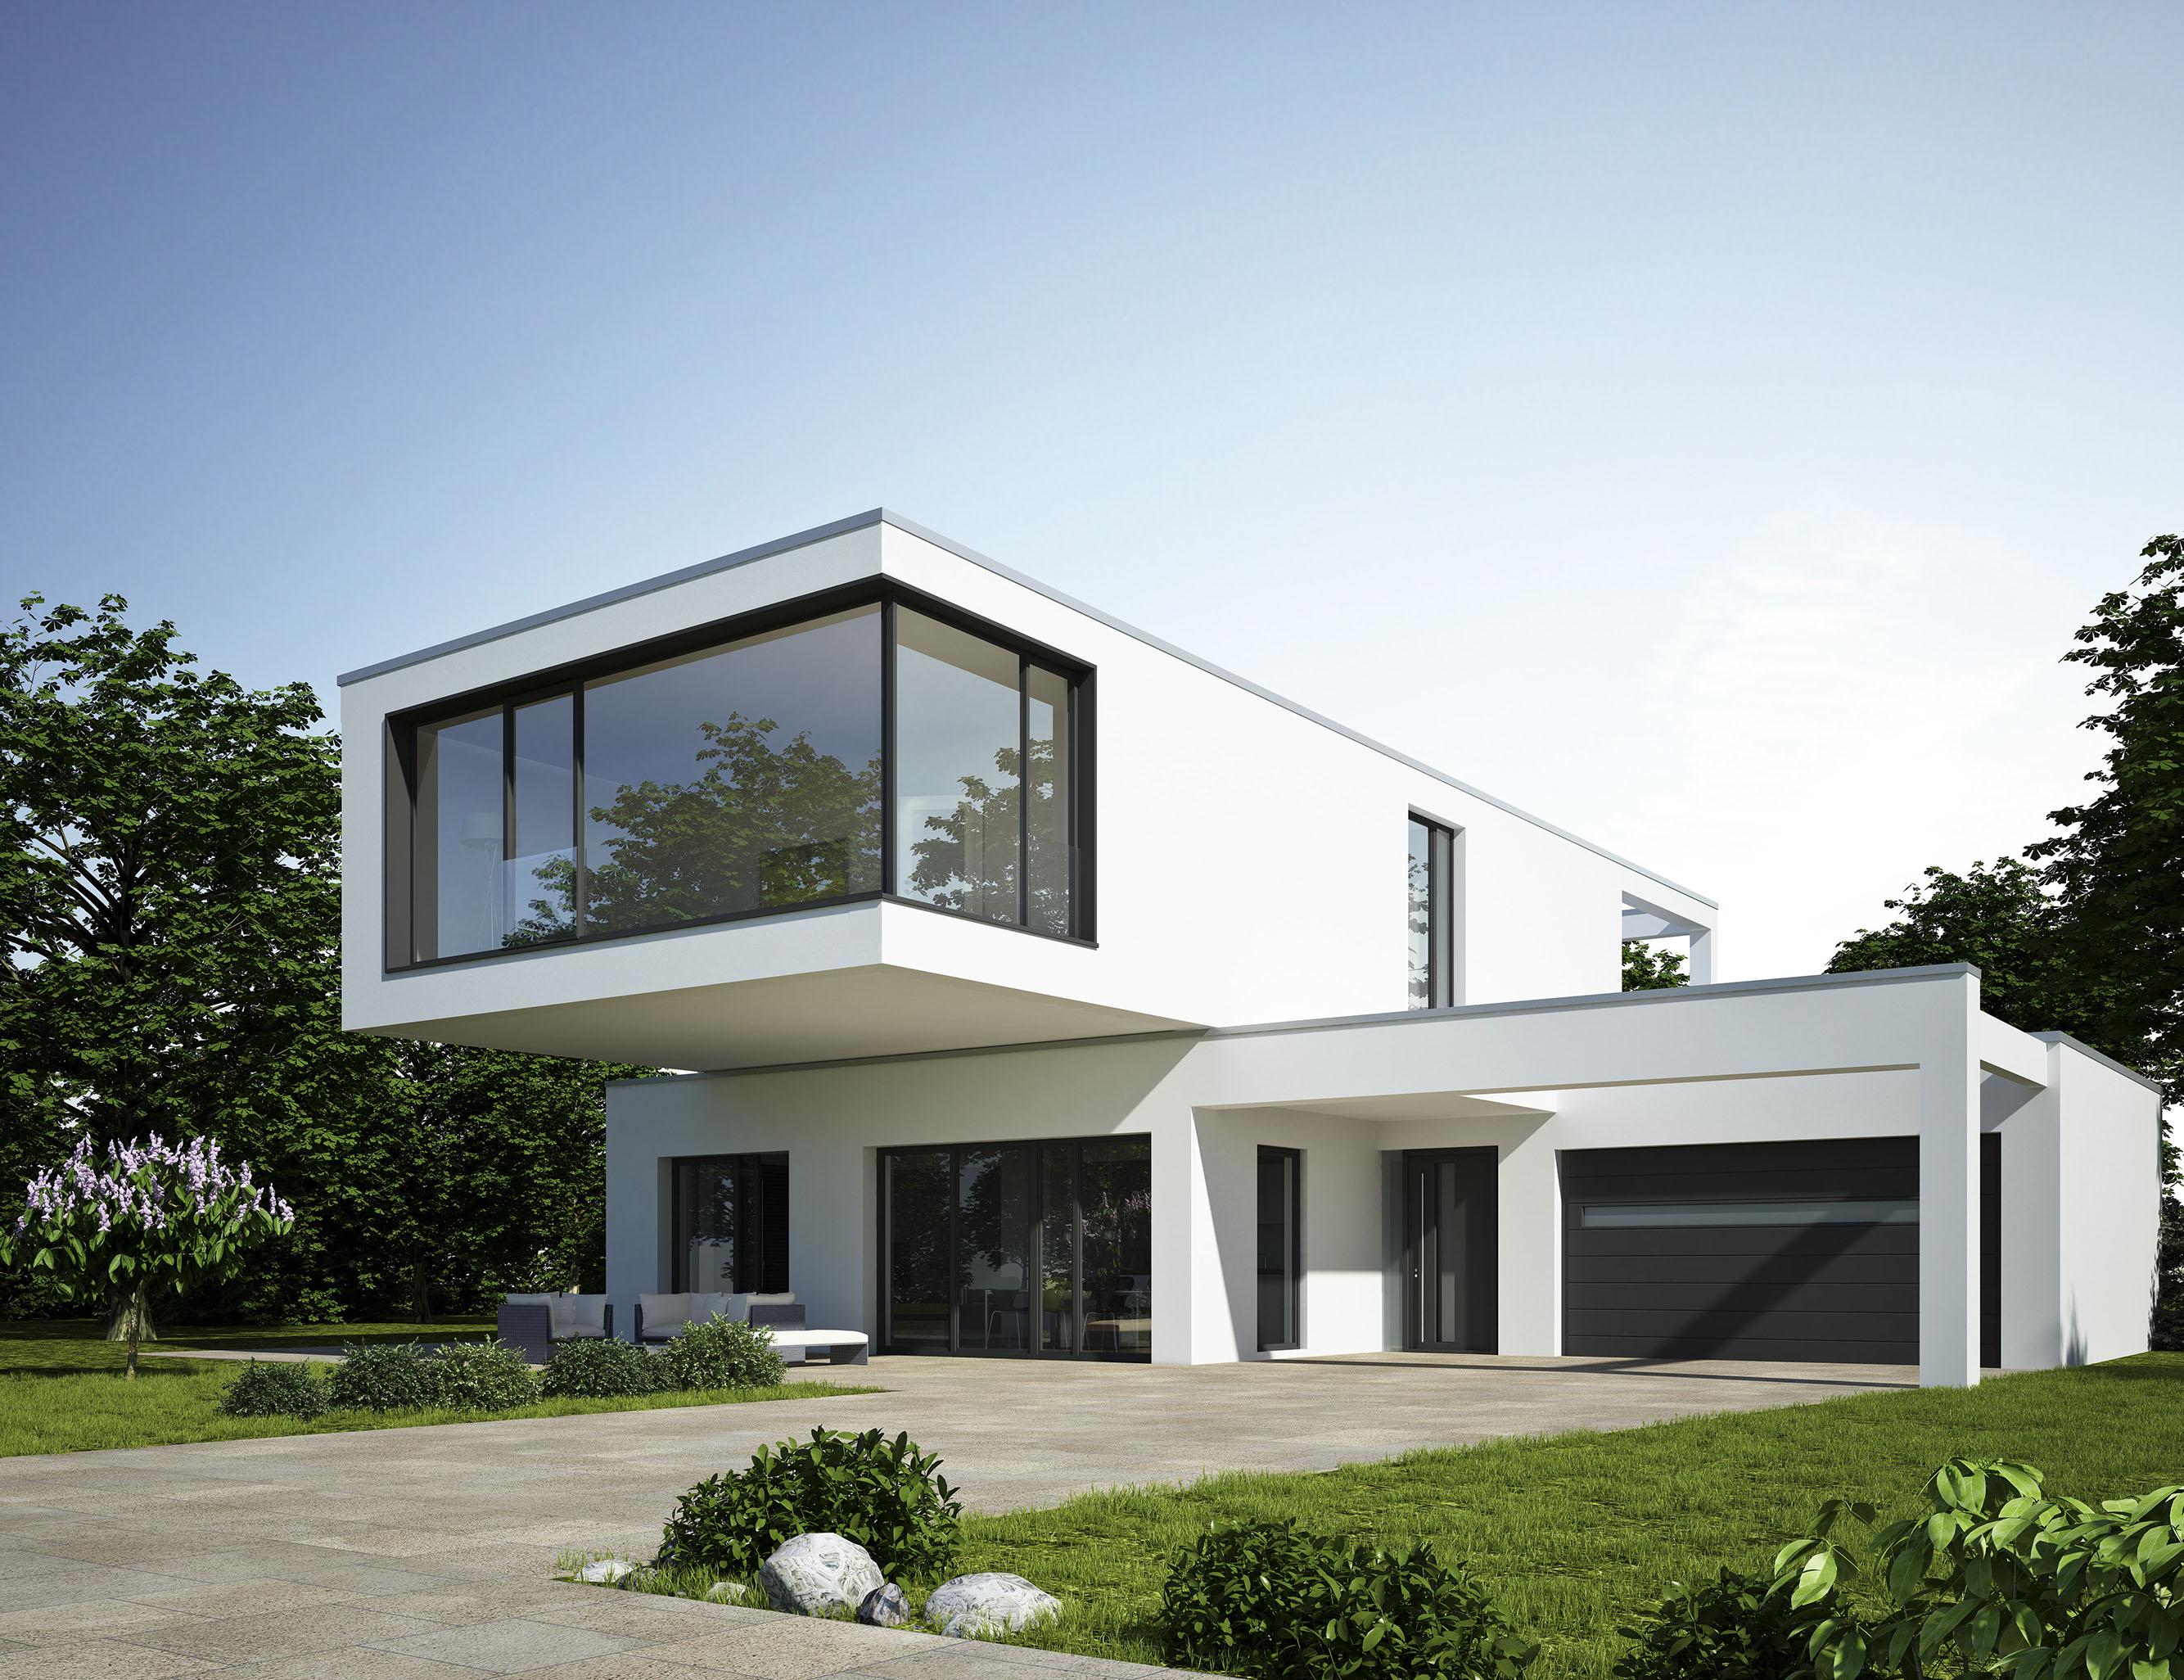 Reichert baudesign - Architekt bauhausstil ...